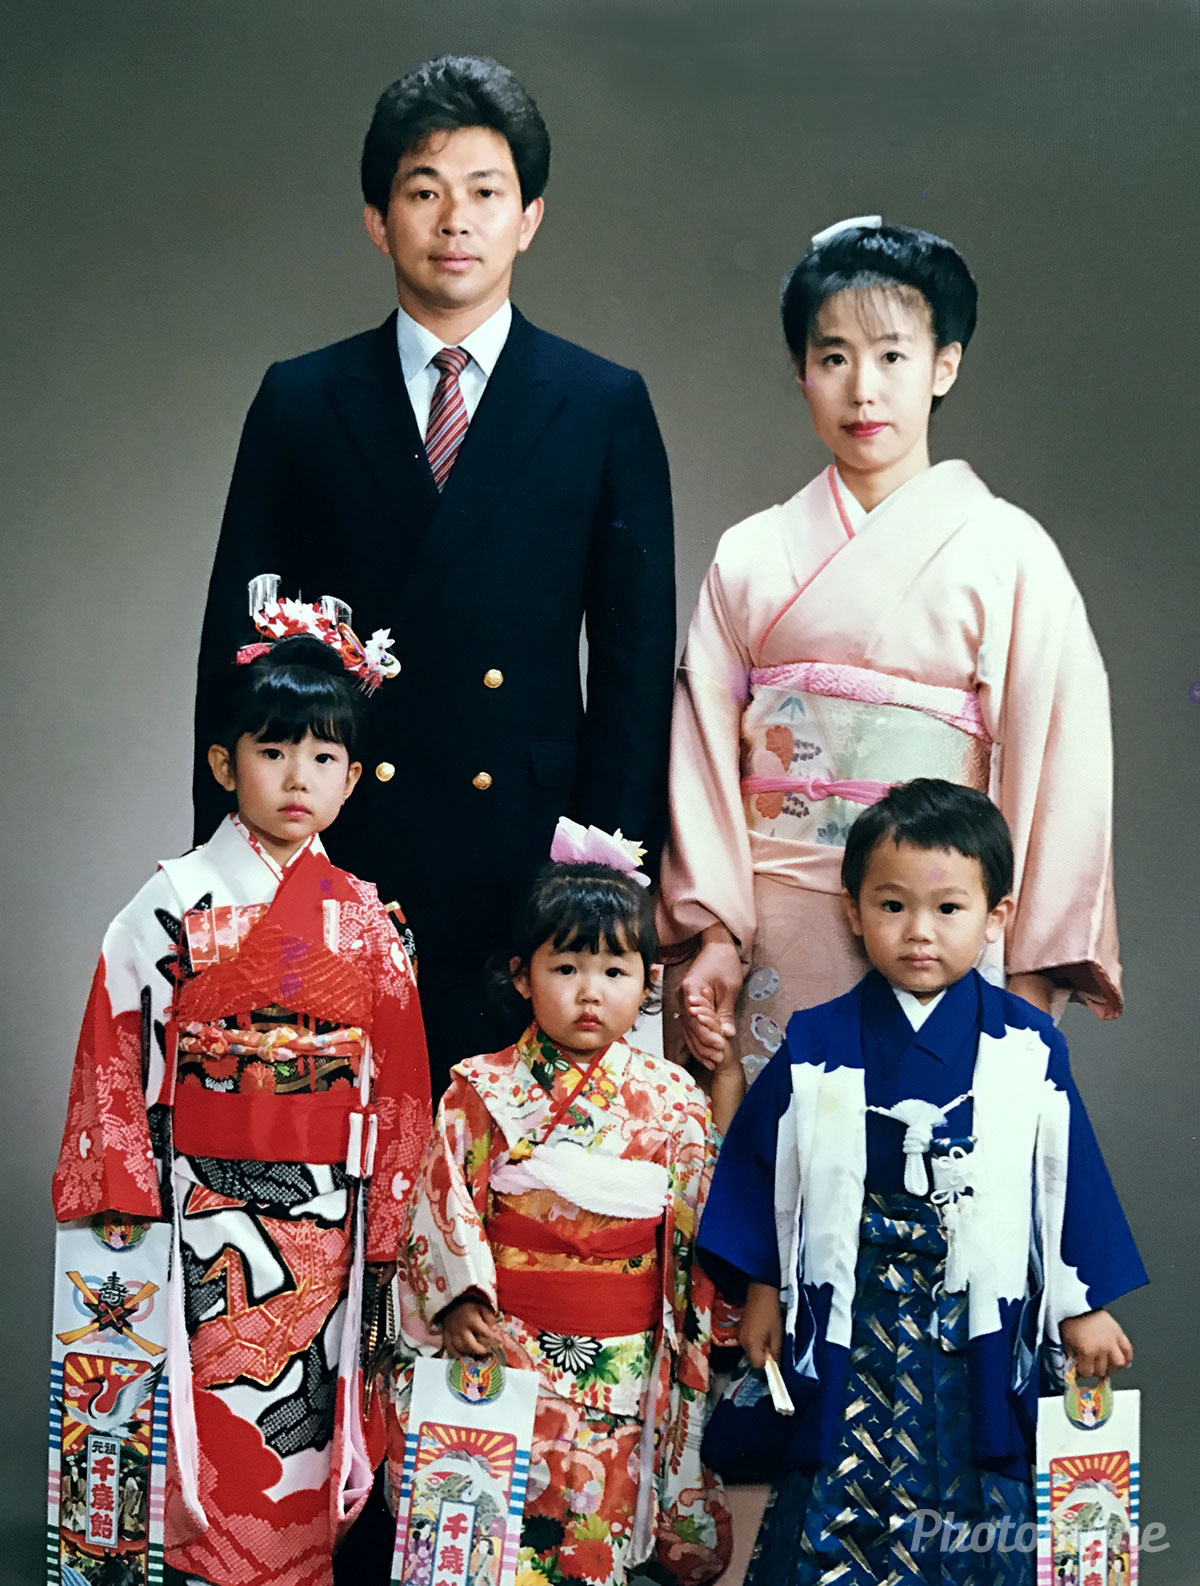 七五三詣り (Seven-five-threes celebration), Japan, 1988